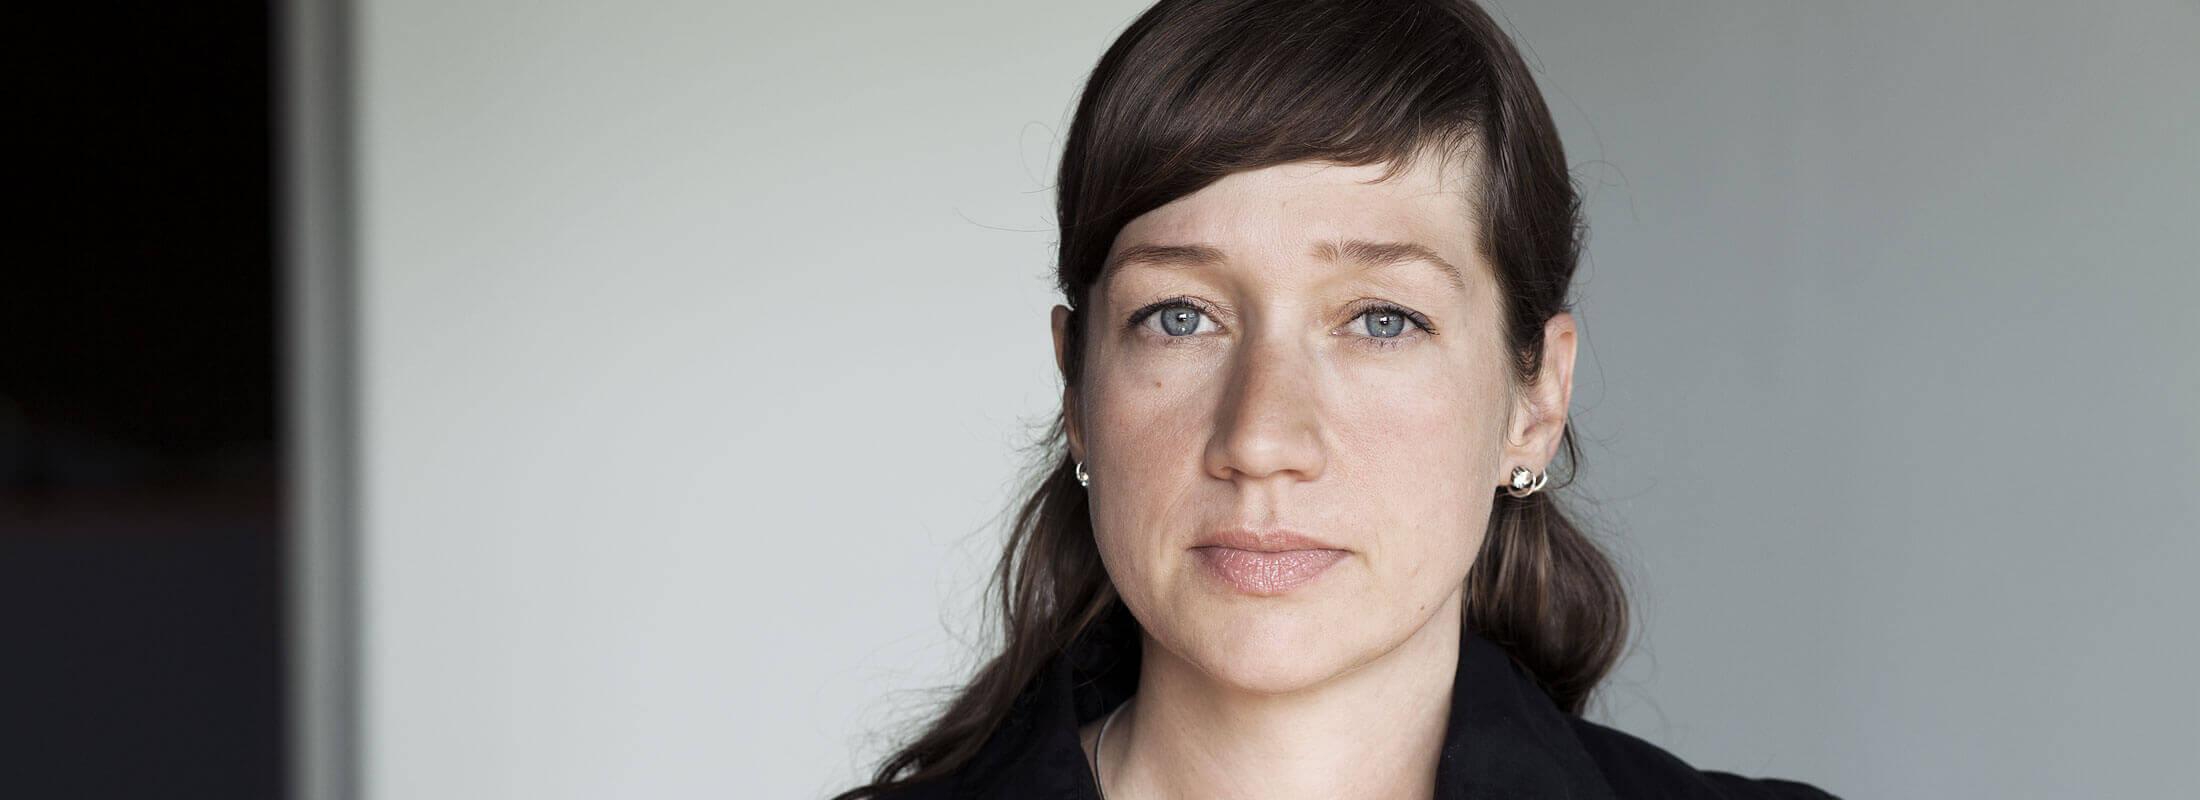 Kathleen Vollerthun, Rechtsanwaltsfachangestellte, Geprüfte Rechtsfachwirtin - MAYR Kanzlei für Arbeitsrecht Berlin